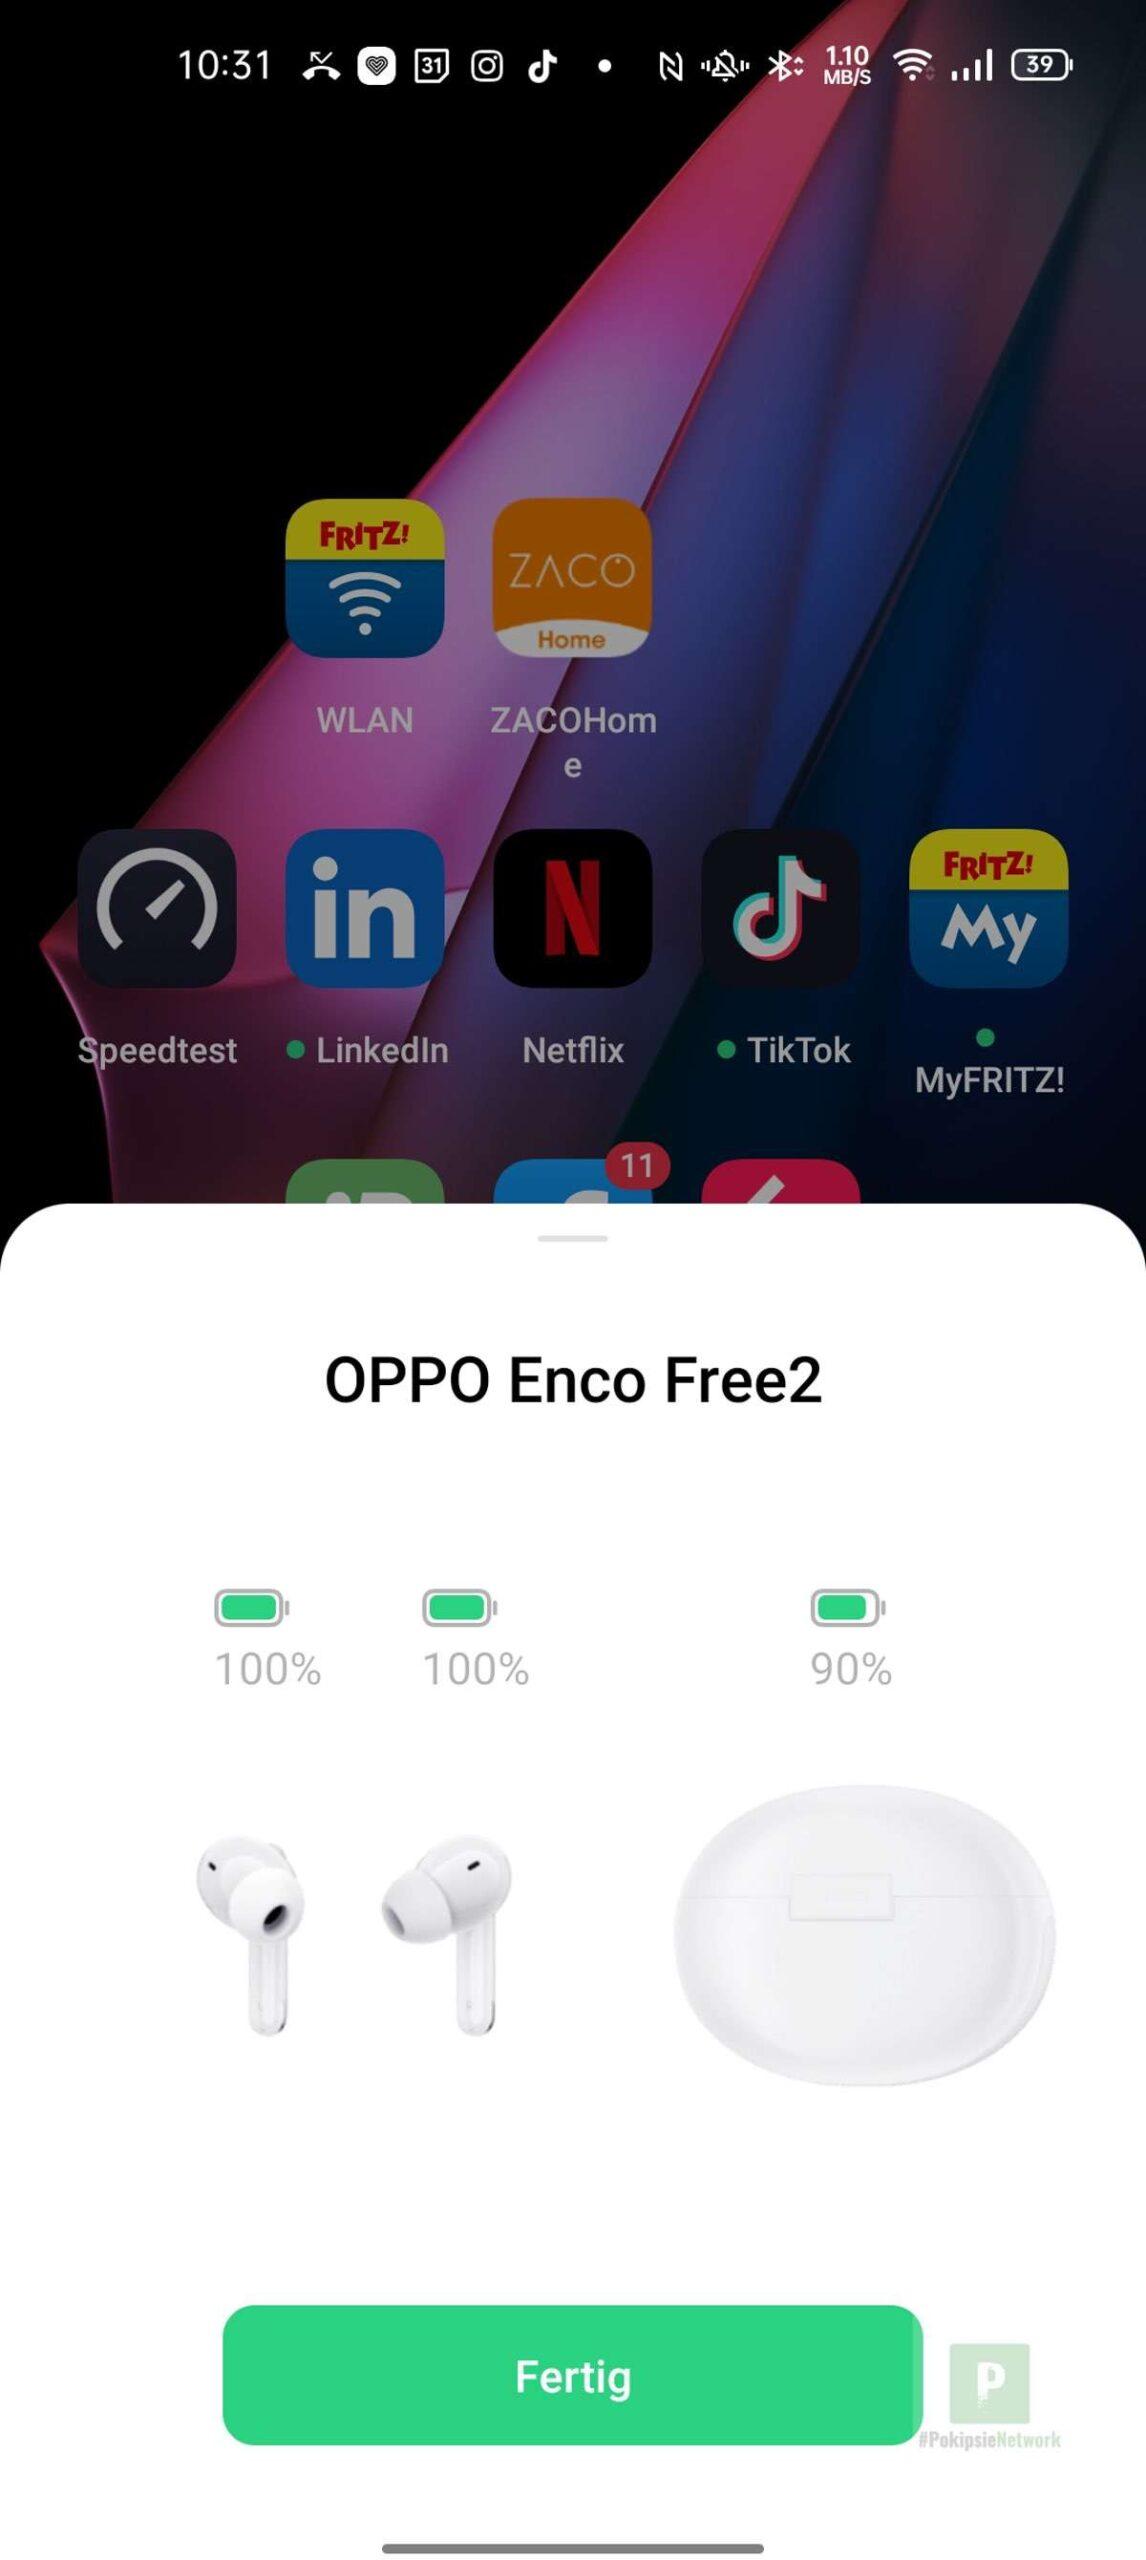 OPPO Kopfhörer gefunden und verbunden